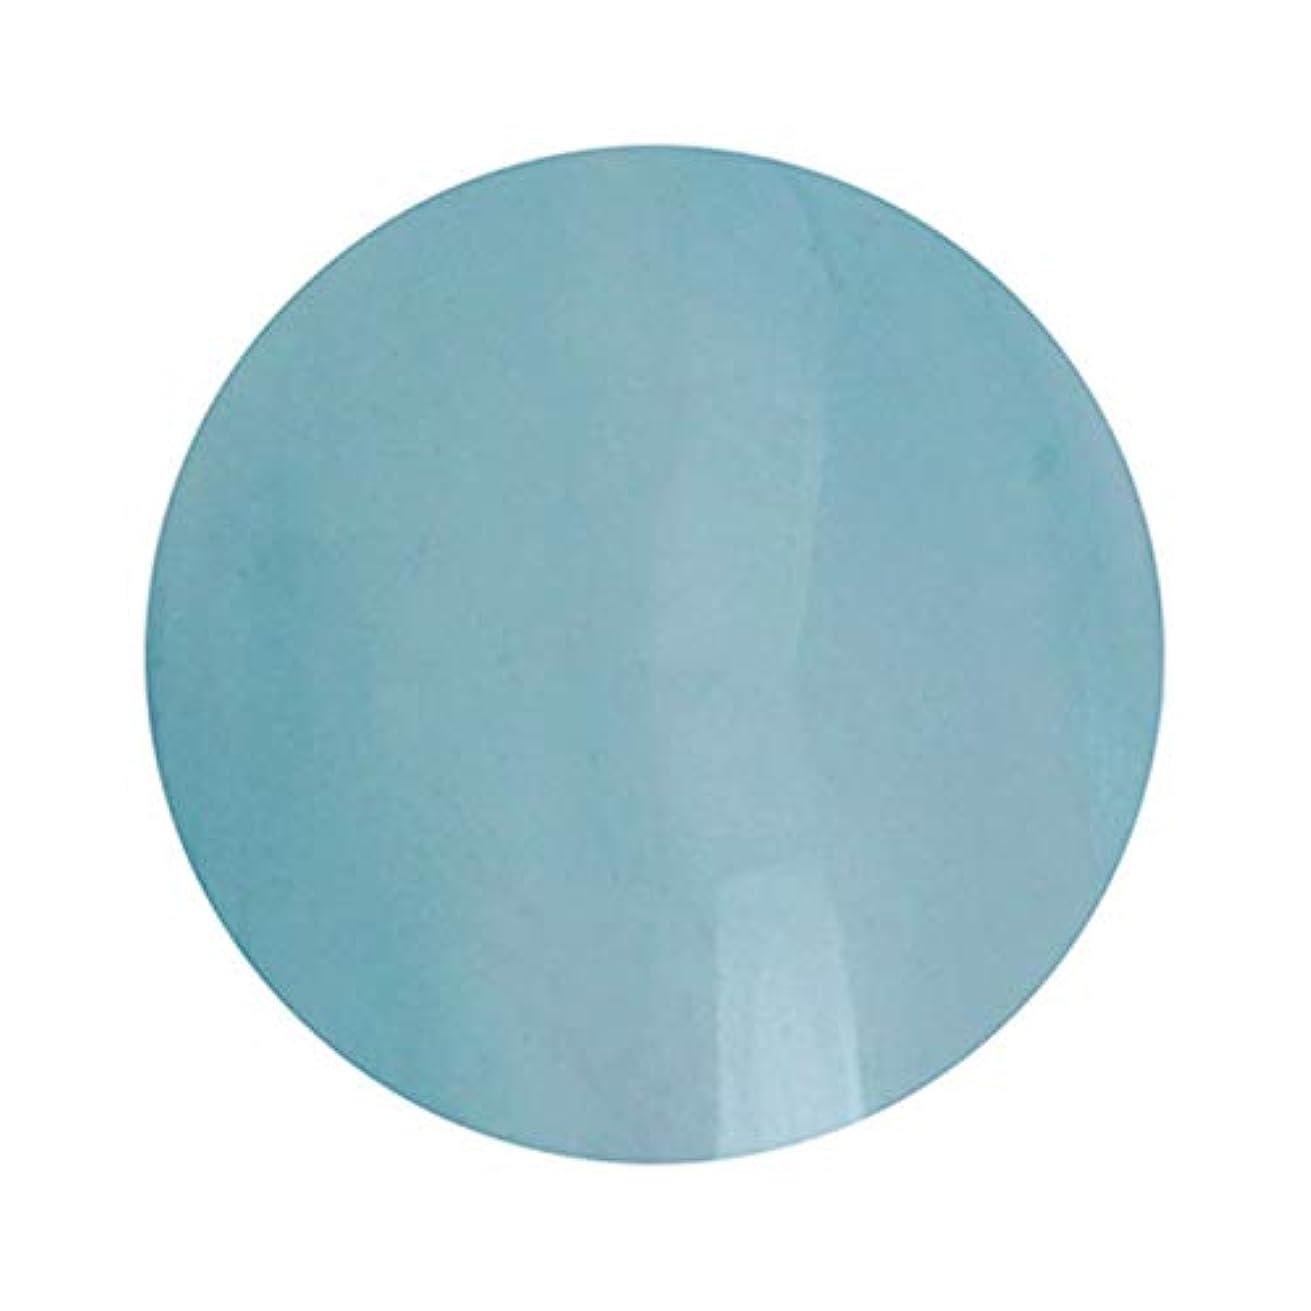 治療スカーフ角度T-GEL COLLECTION ティージェルコレクション カラージェル D236 クリアブルーグリーン 4ml